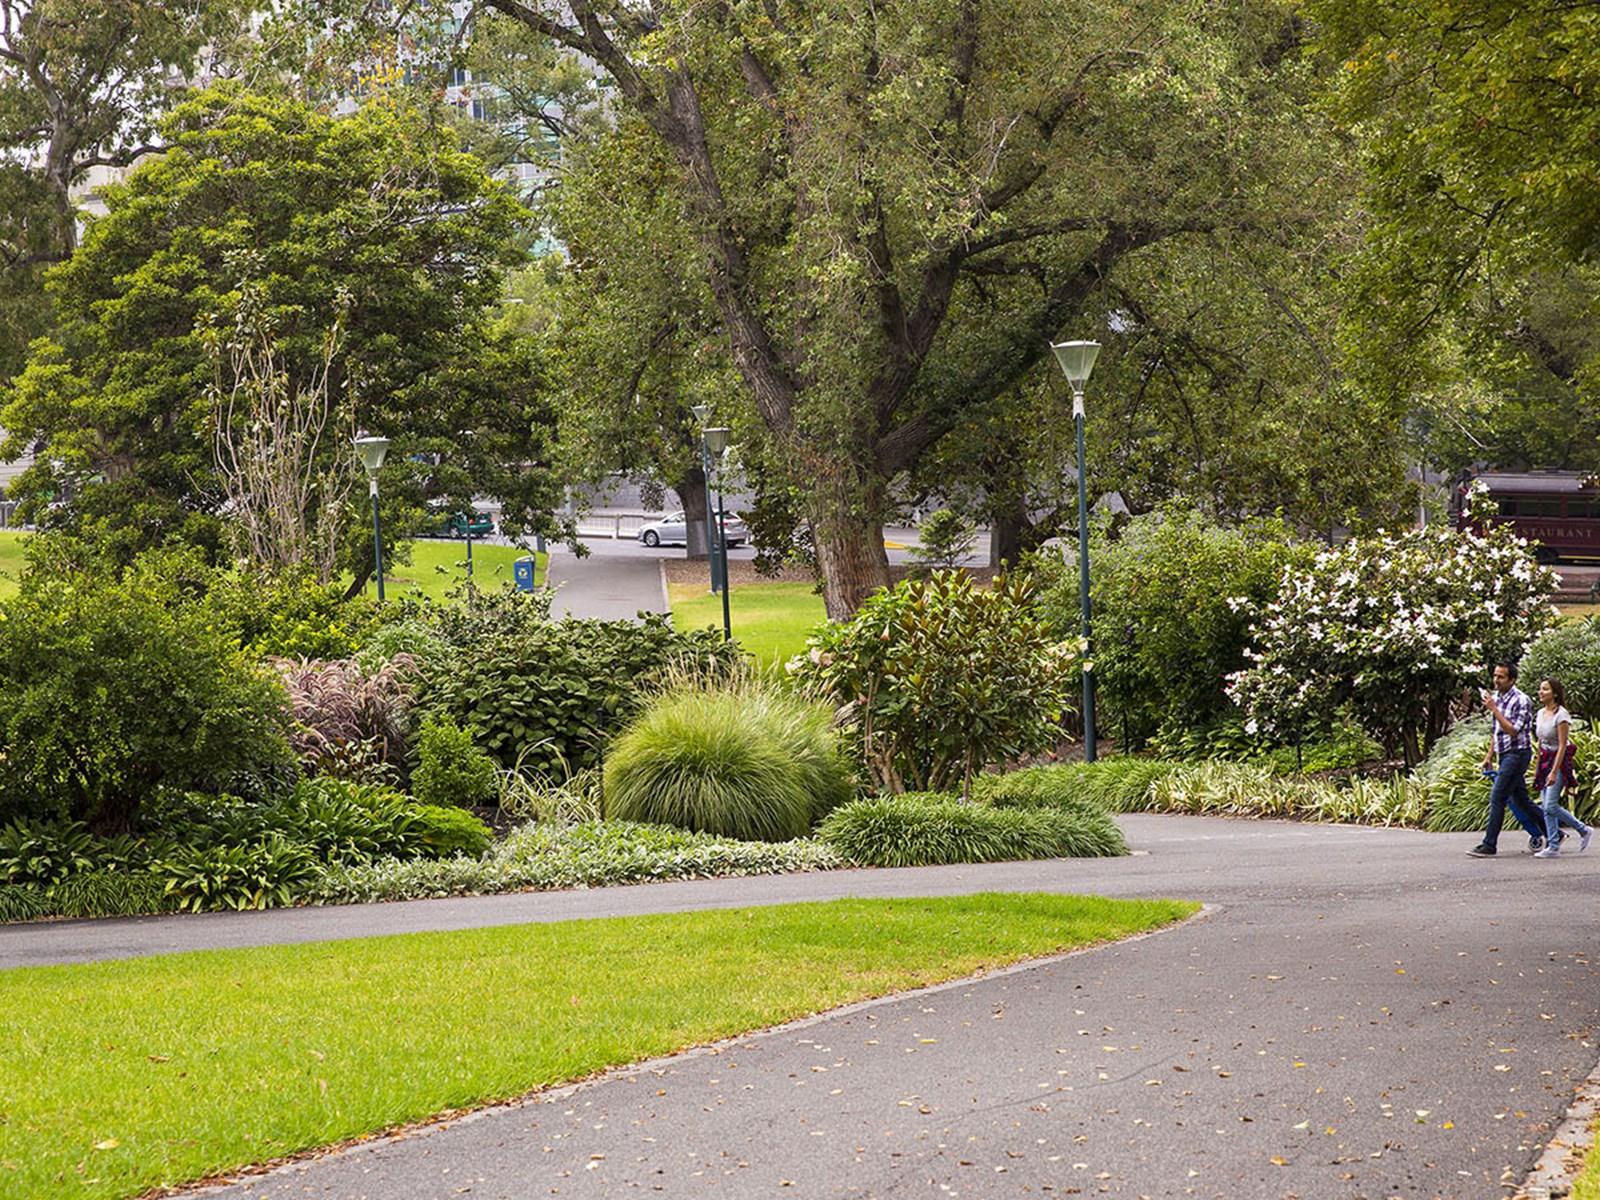 Flagstaff Gardens, Melbourne - Photo: Josie Withers